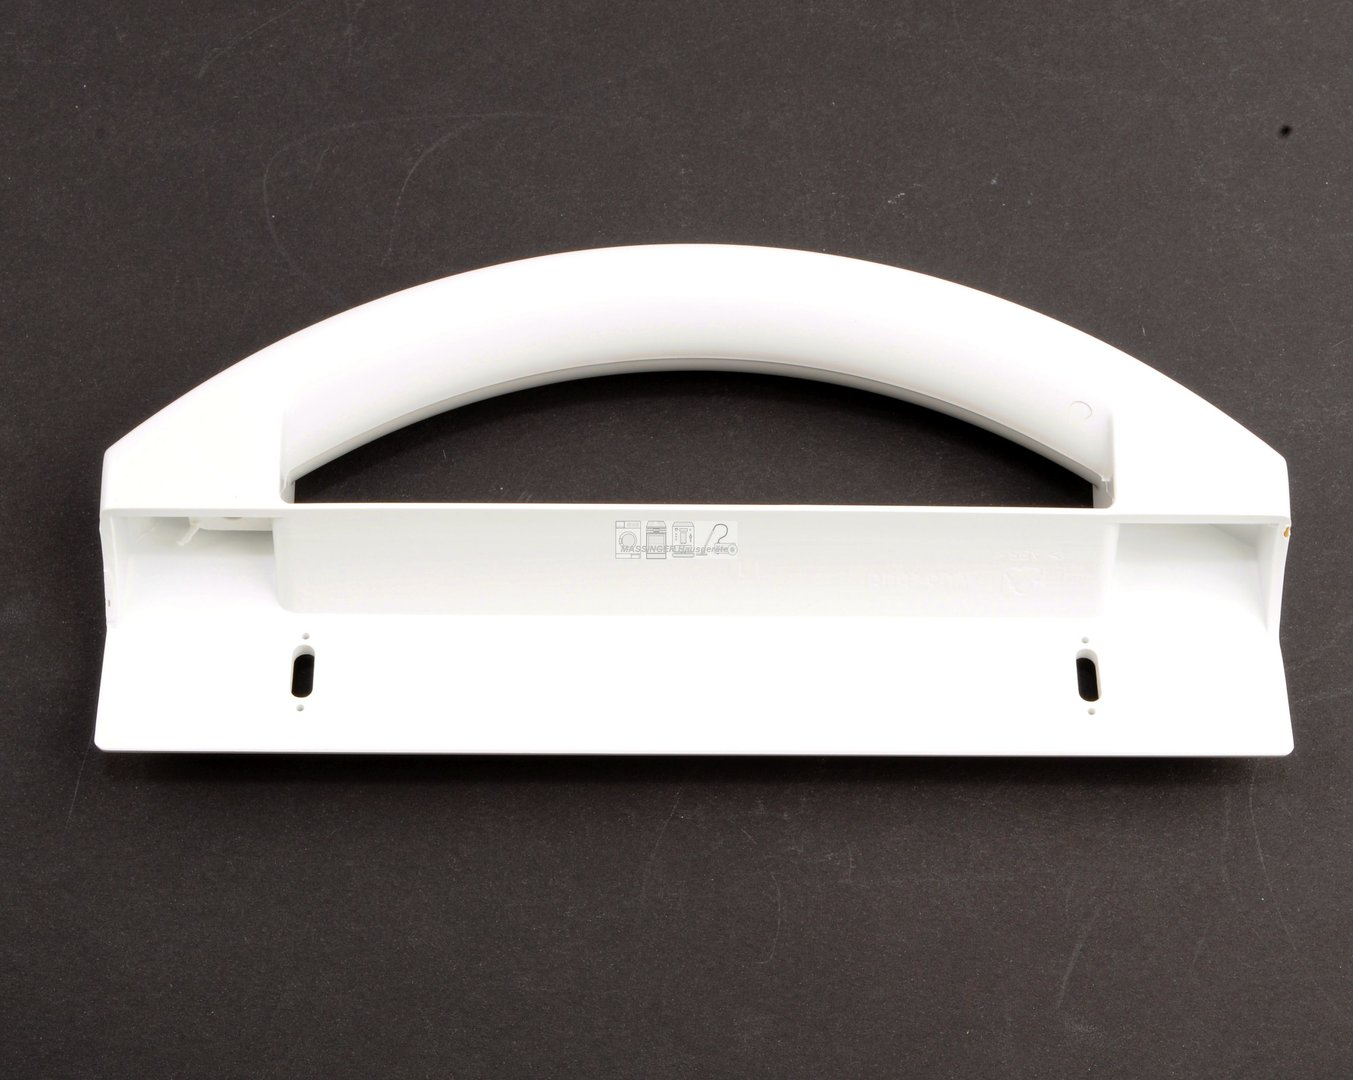 Kühlschrankgriff : Aeg zanussi kühlschrankgriff gefrierschrankgriff weiß alternativ